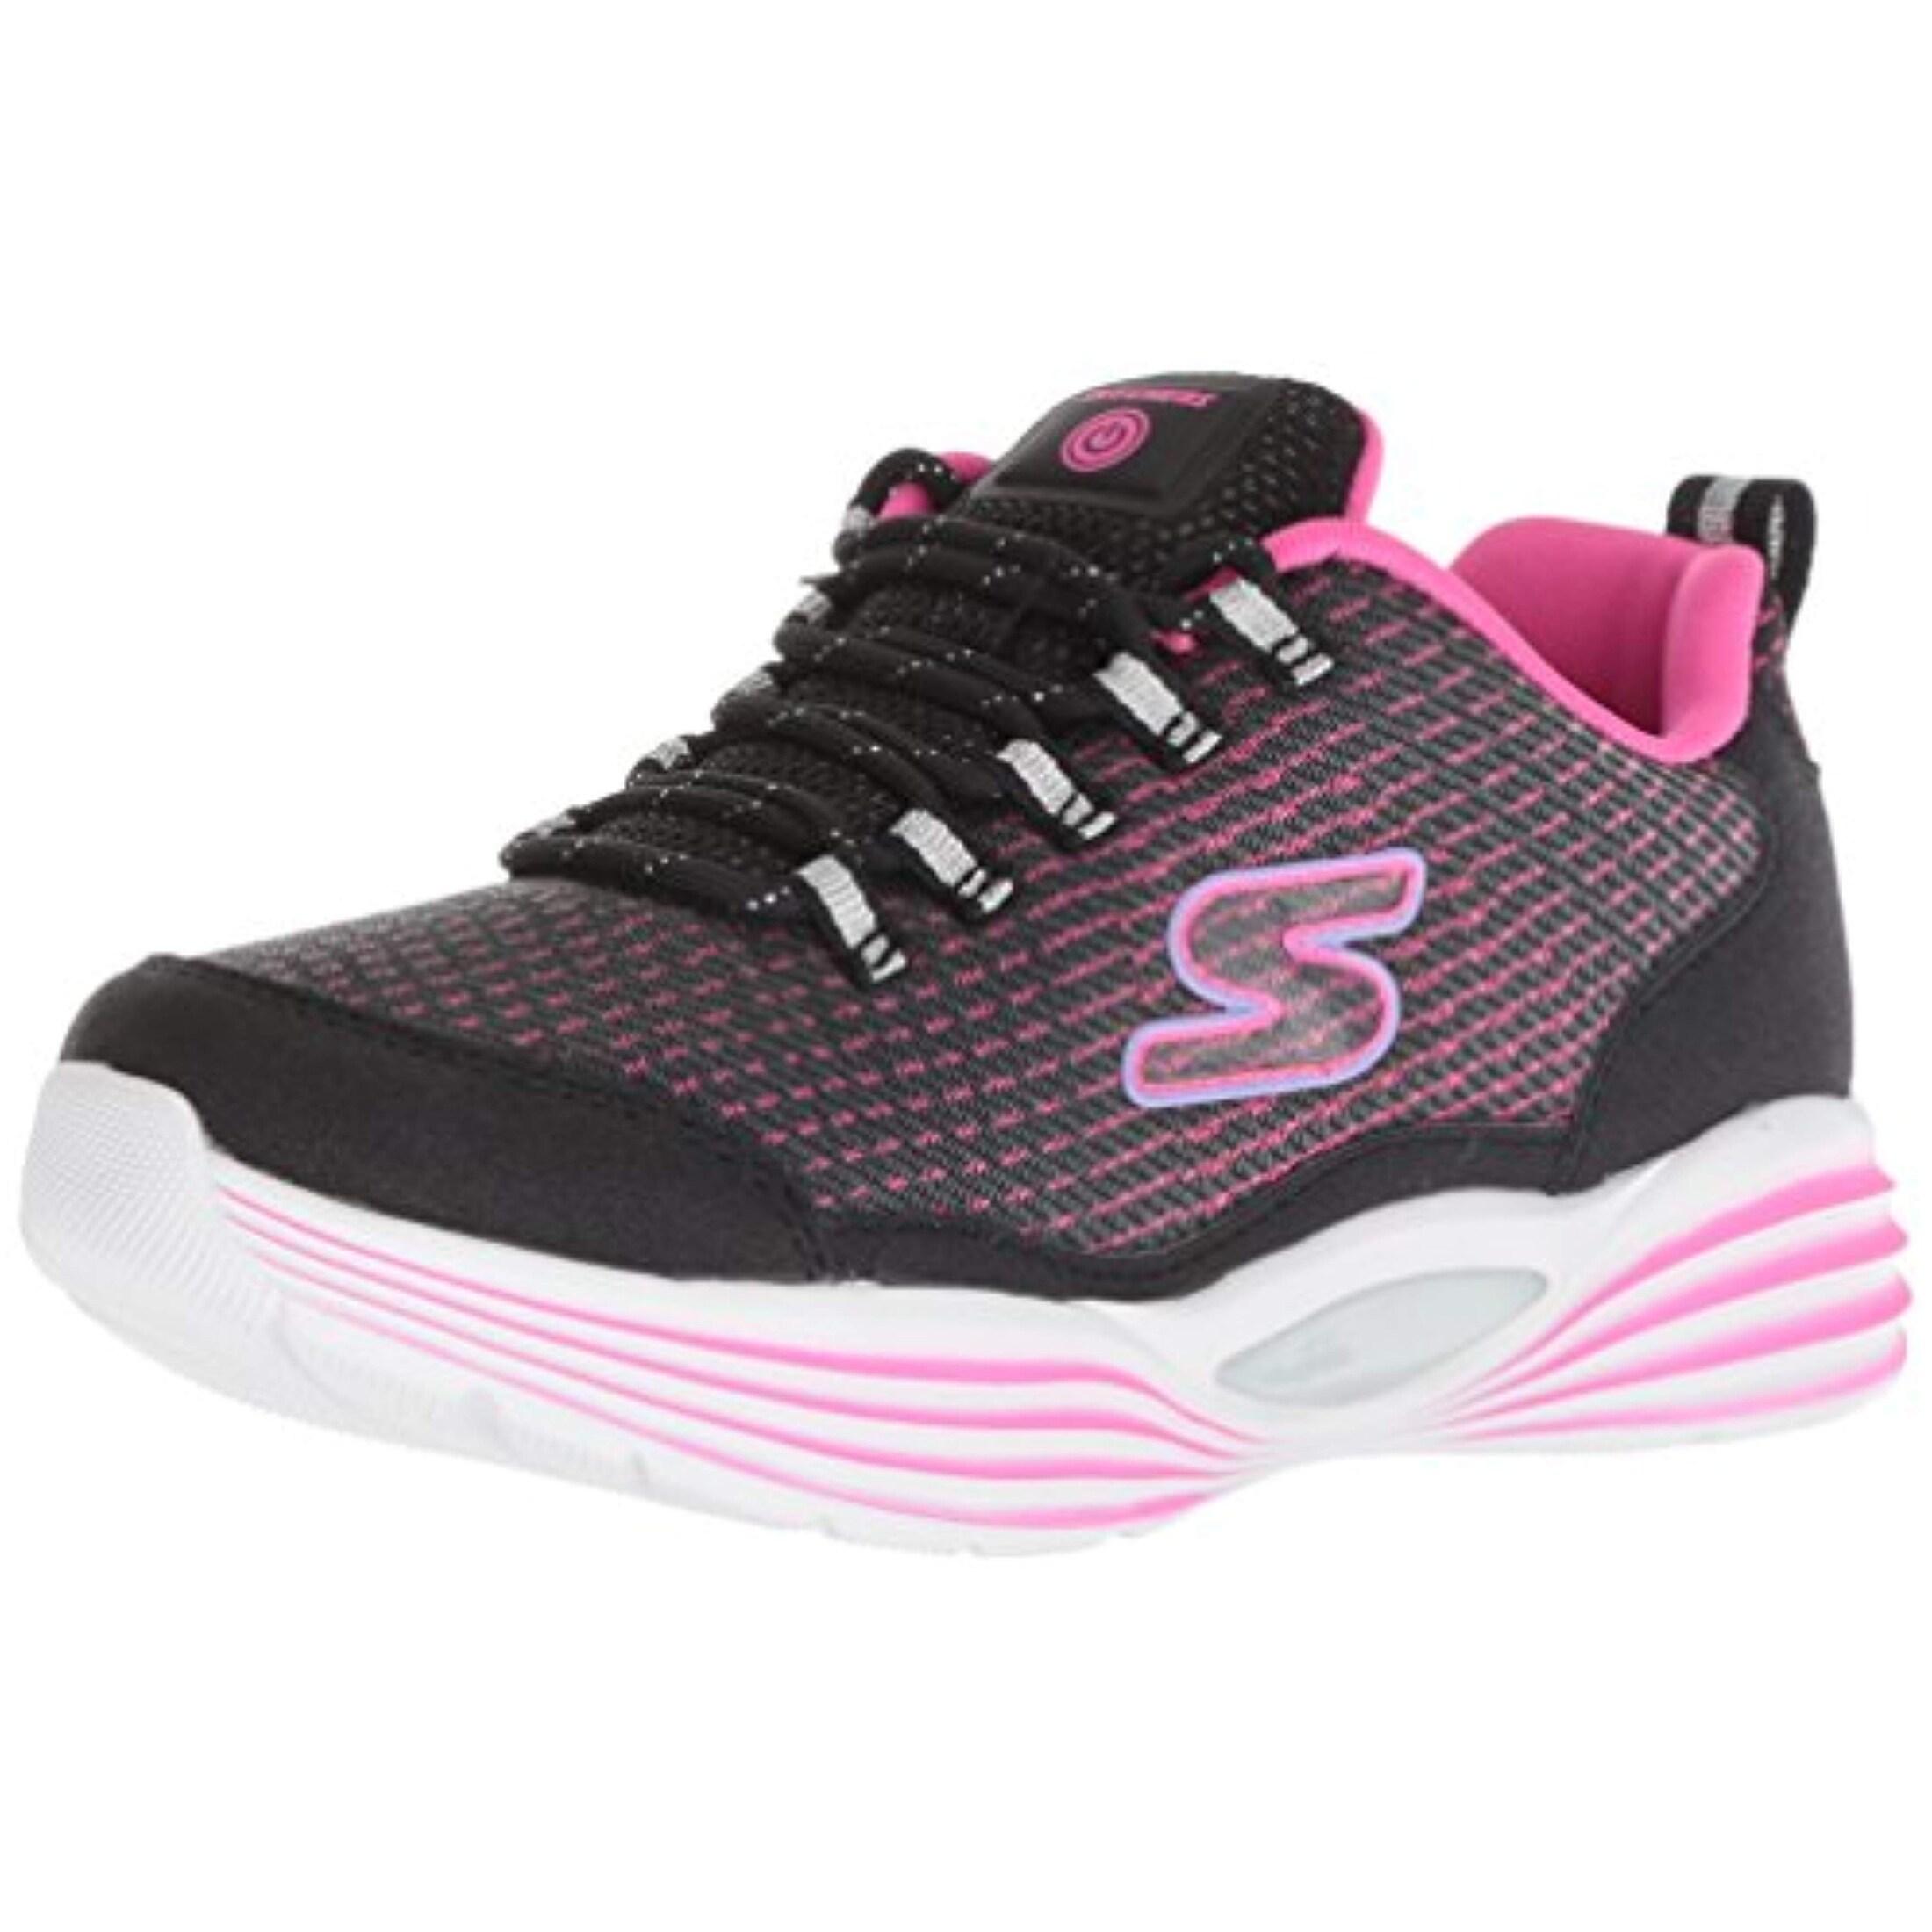 Skechers Kids Girls' Luminators Luxe Sneaker, BlackPink